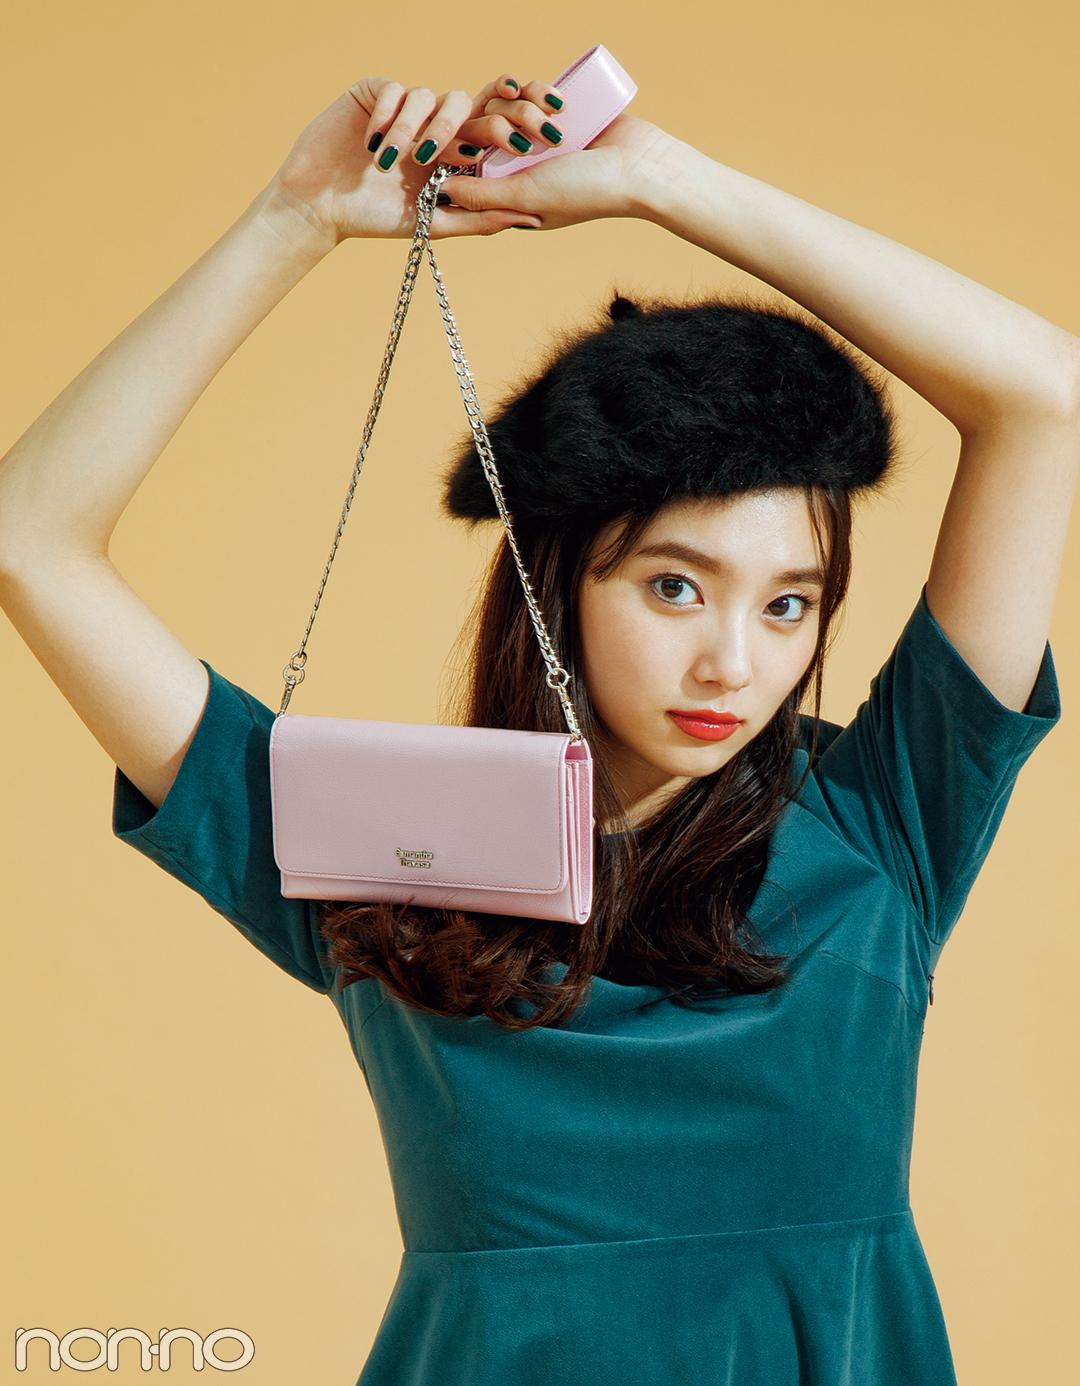 サマンサタバサの新作お財布が続々&ポンポンチャームも絶対欲しい♡ _1_1